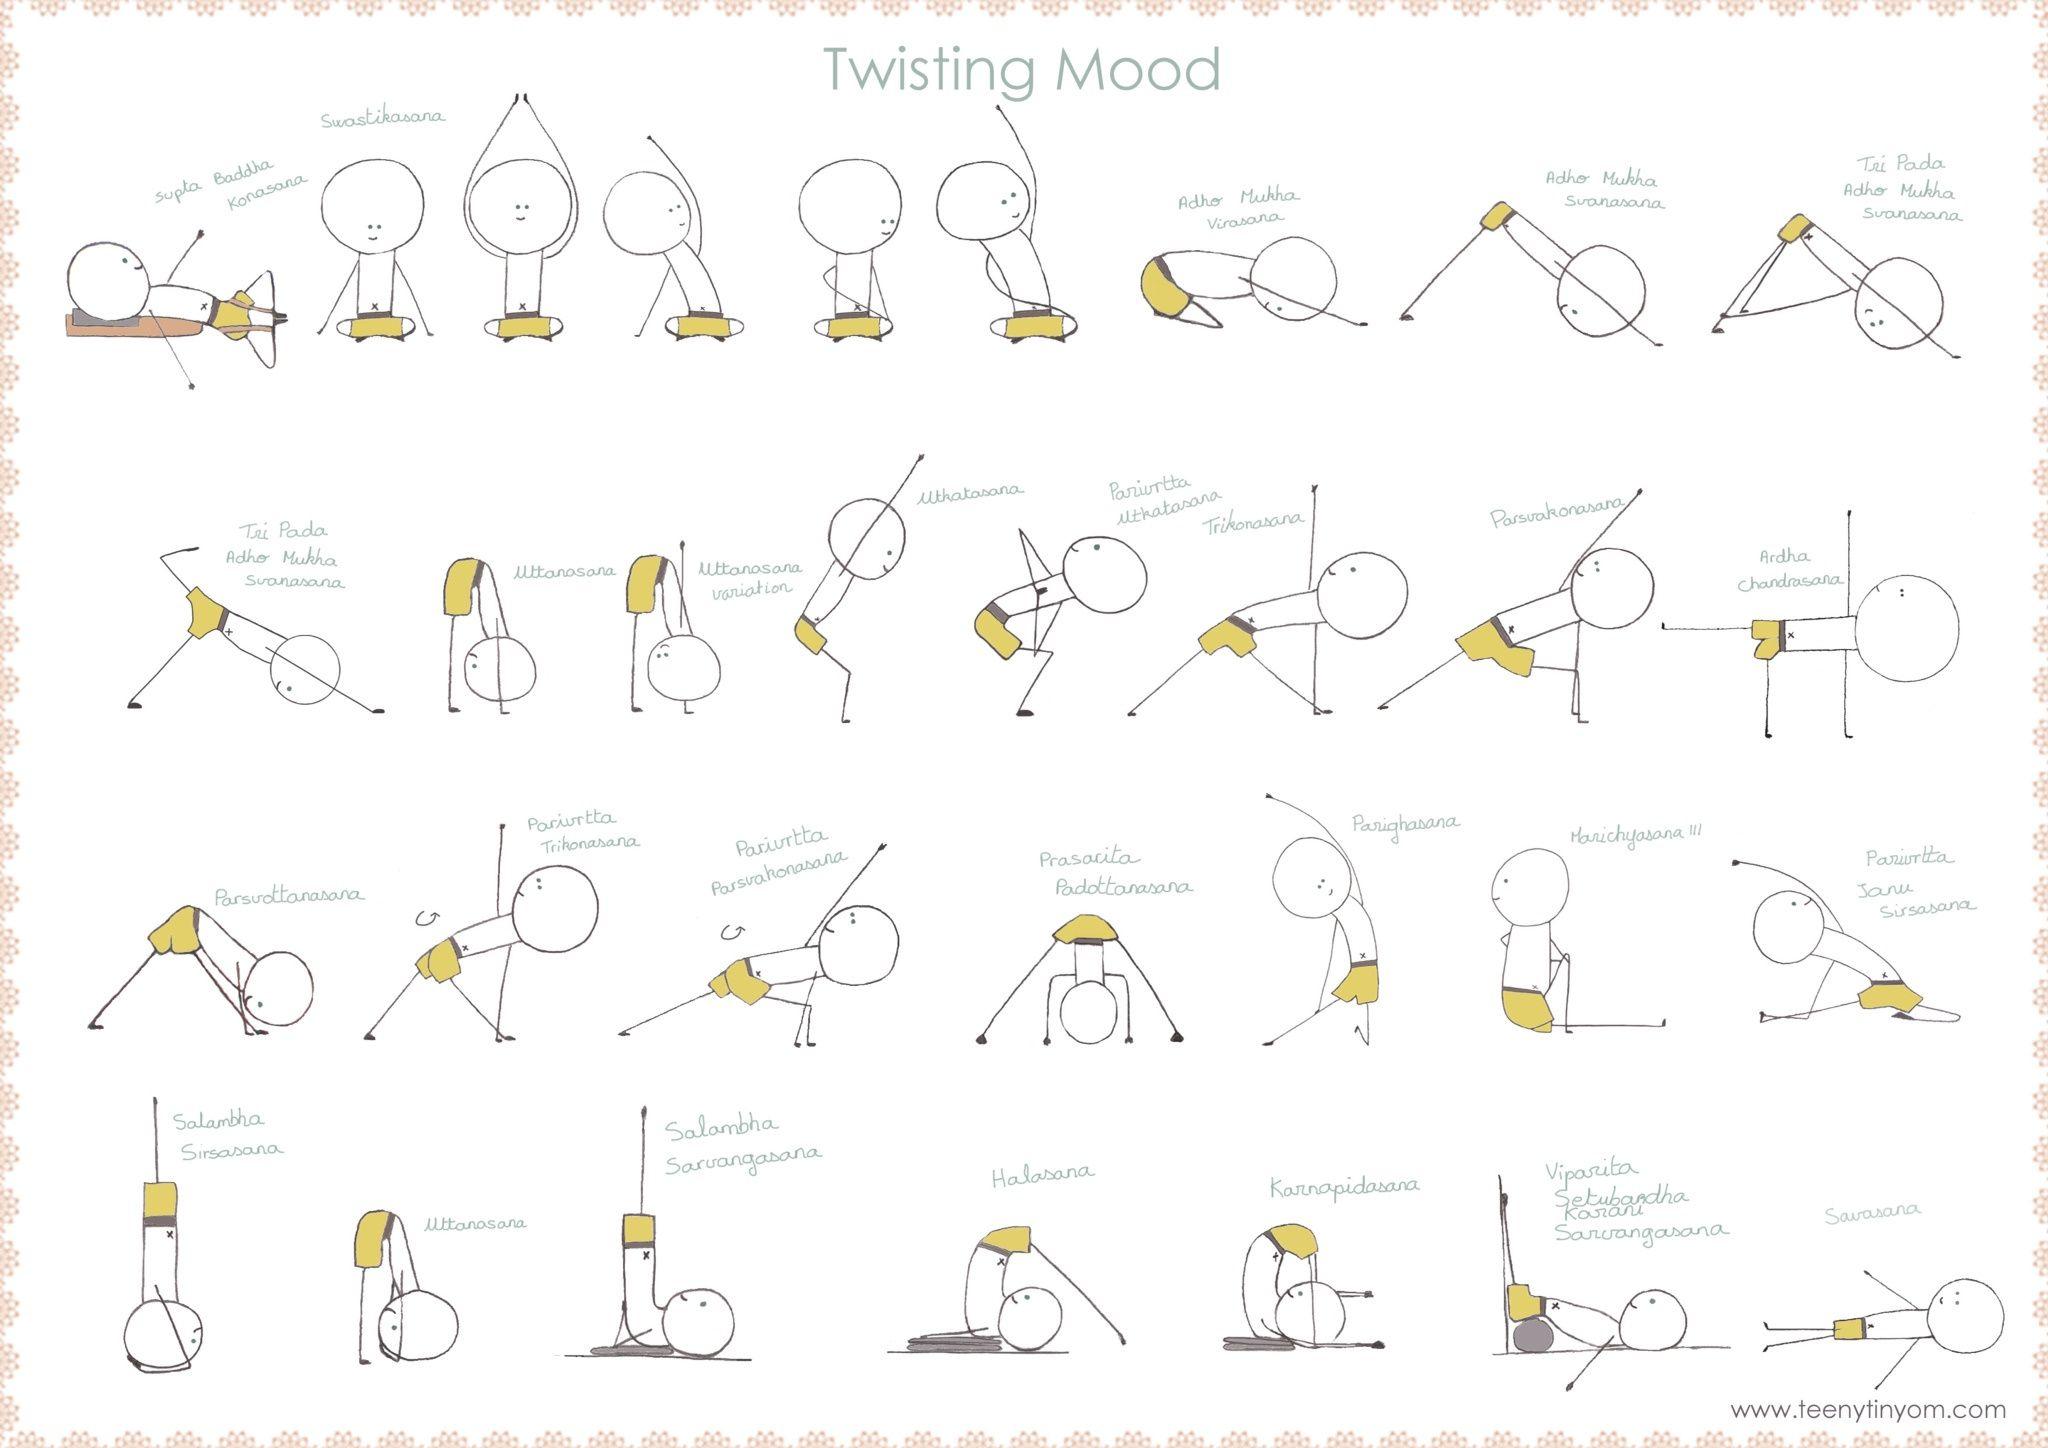 Фитнес-йога: выбор тренера, основные отличия практики, базовые тренировки и упражнения (110 фото)